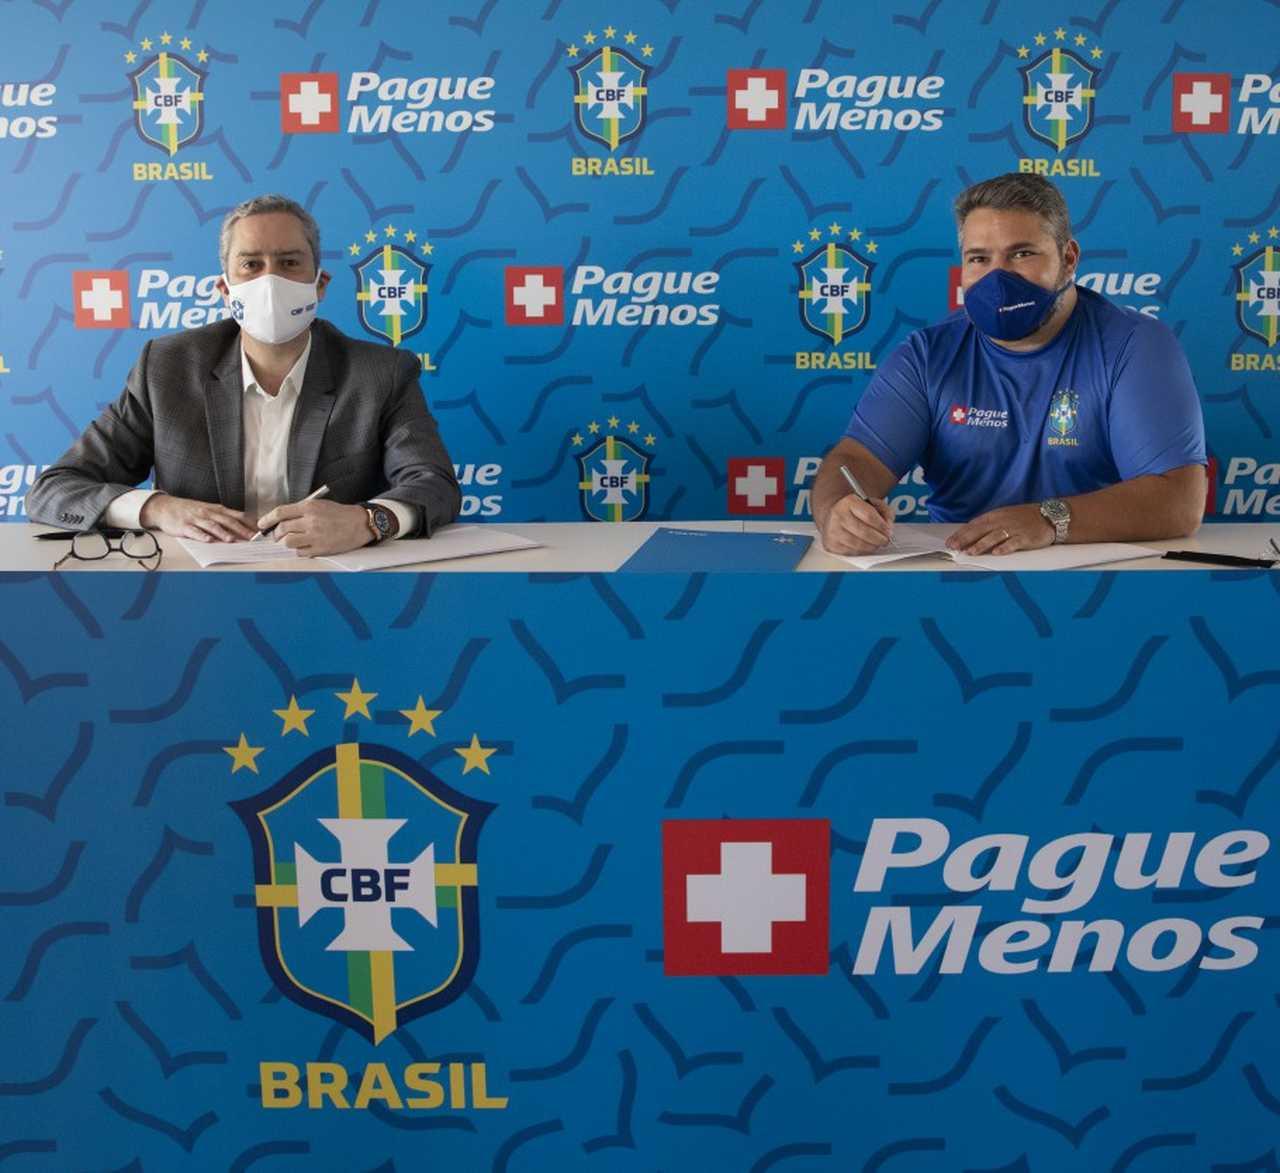 Presidente da CBF, Rogério Caboclo, e CEO da Pague Menos, Mário Queirós, assinam contrato de patrocínio à seleção brasileira no Rio de Janeiro (Foto: Lucas Figueiredo/CBF)